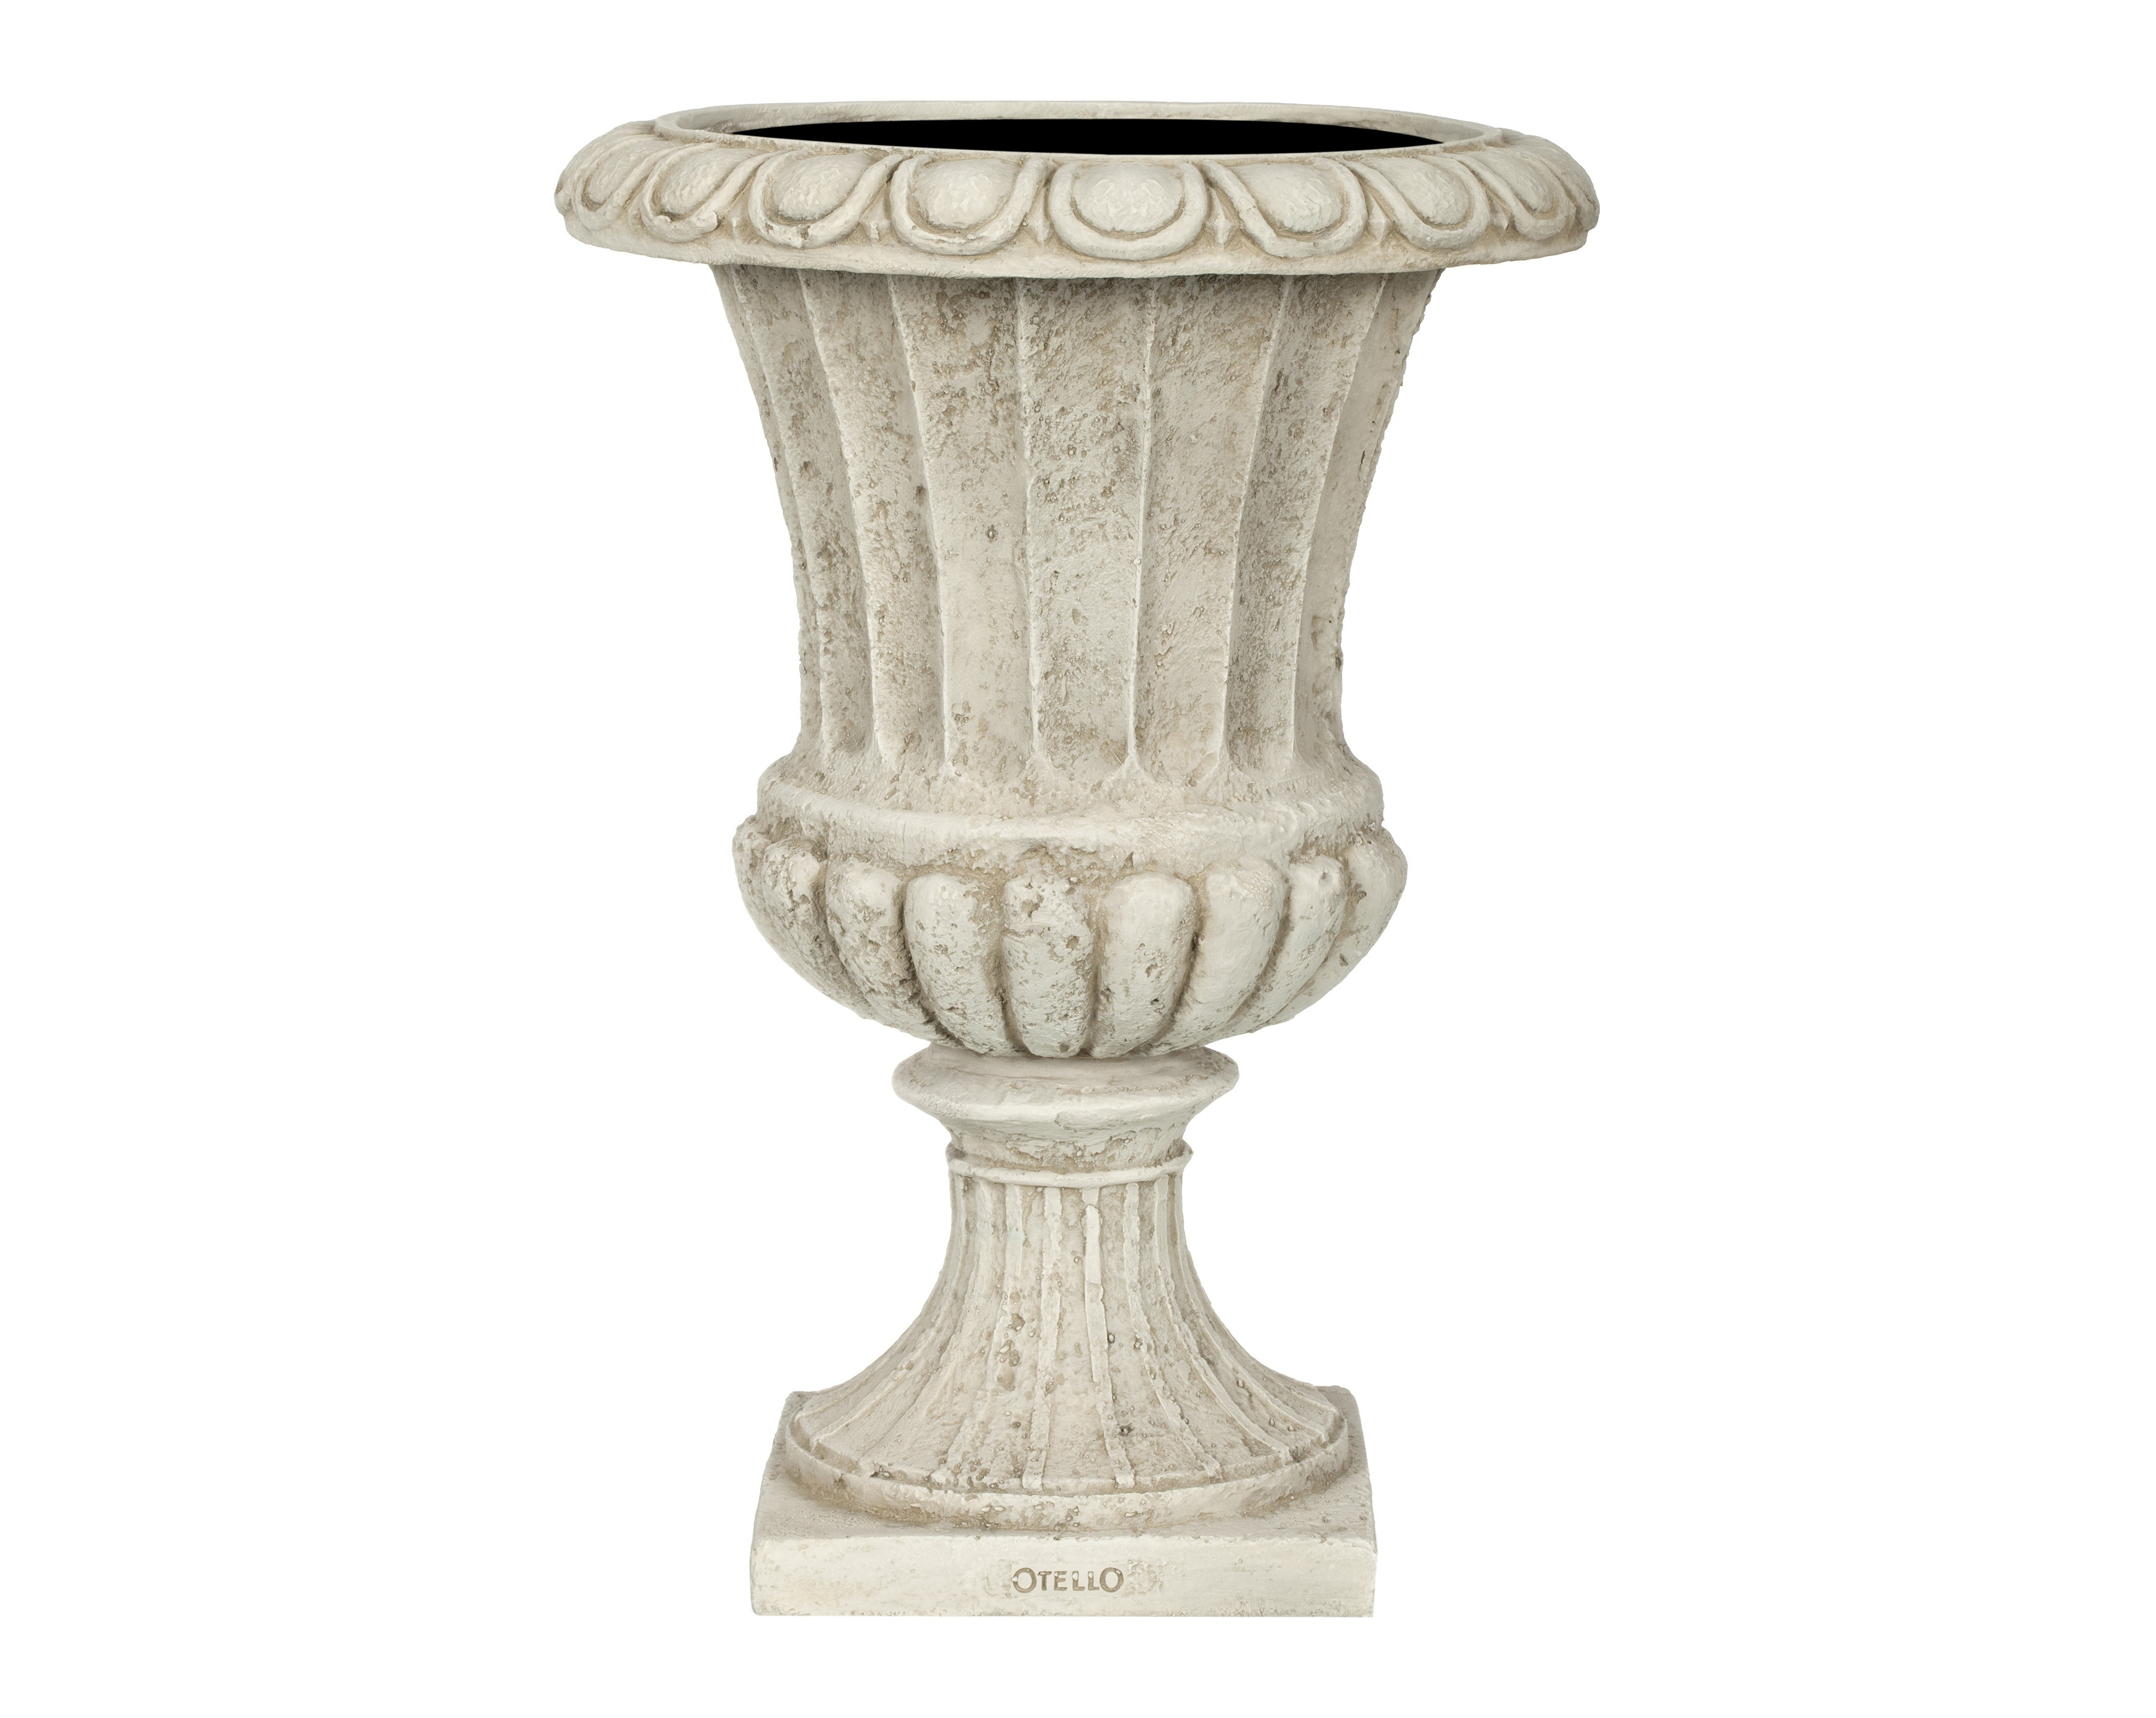 Ваза ГРАССКашпо и подставки для дачи и сада<br>CAPI CLASSIC – это вазы в классическом французском стиле.  Вазы отличаются  декоративной каймой с изысканным цветочным узором.  <br>Коллекцию дополняют пьедесталы, с которыми вазы прекрасно согласуются и величественно выглядят рядом с входной дверью или на классической террасе.  Комплекты из ваз не только позволяют создать  красивую композицию, но и значительно облегчают уход за растениями. С их помощью легко расставить акценты на тропинках, входе в дом или на террасе.<br>Вазы CAPI EUROPE не боятся перепадов температуры и влажности воздуха. Все вазы могут быть использованы в доме и на улице круглый год. На дне каждой вазы есть дренажное отверстие, что позволит уберечь  вазу в морозы.<br><br>Material: Полистоун<br>Высота см: 50